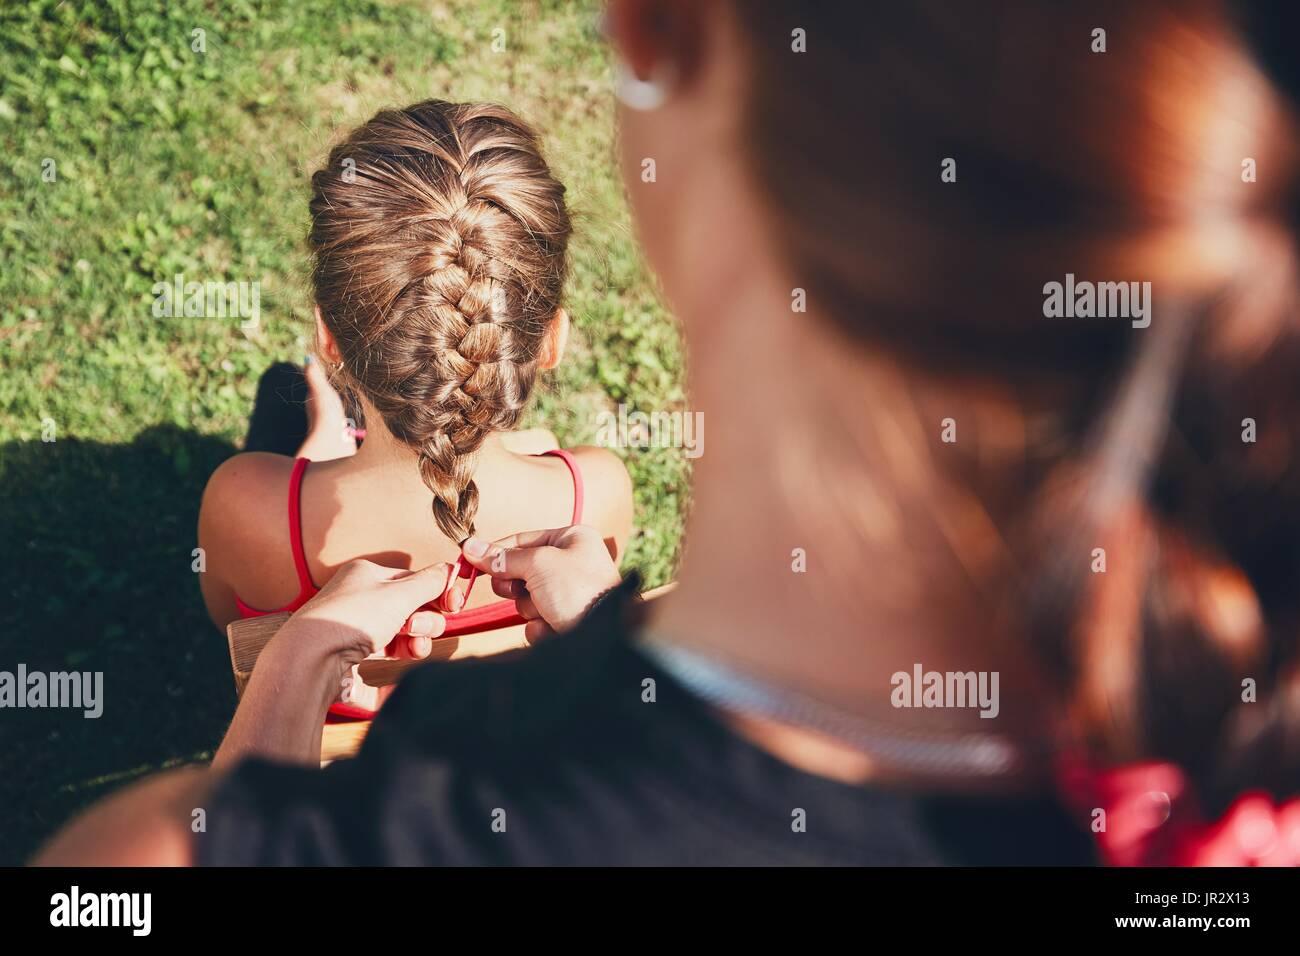 Mujer joven haciendo que el cabello trenzas de la niña en el jardín en el paisaje. Imagen De Stock